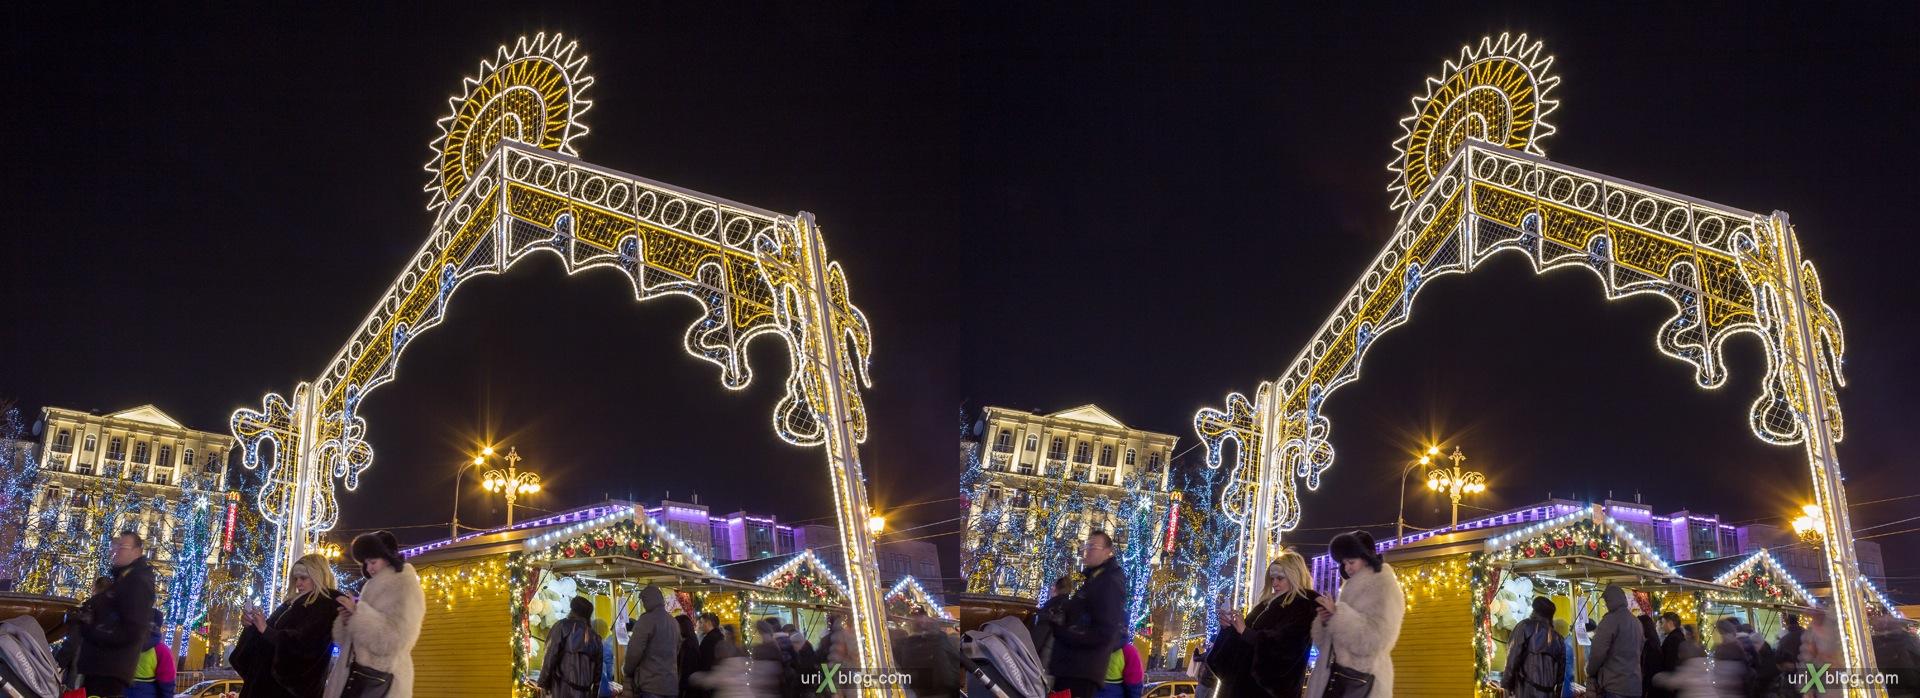 2013, Москва, Россия, Новый год, ночь, зима, лампочки, 3D, перекрёстная стереопара, стерео, стереопара